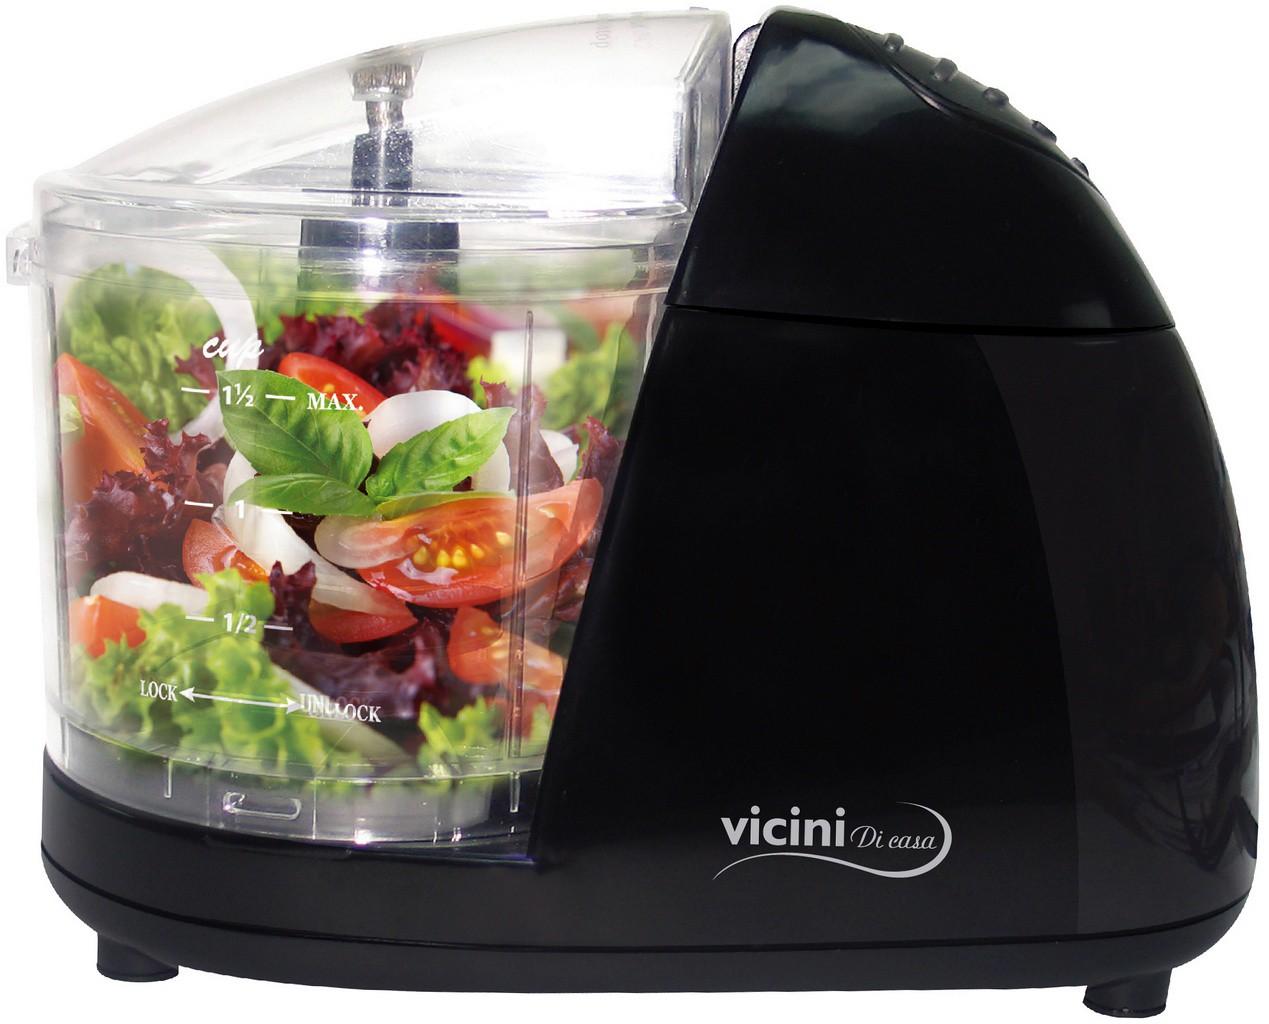 Mini Processador Alimentos Moedor Triturador Legumes Frutas Resistente Pequeno Moderno Cozinha Aço Inoxidável - Vicini - EPV-86